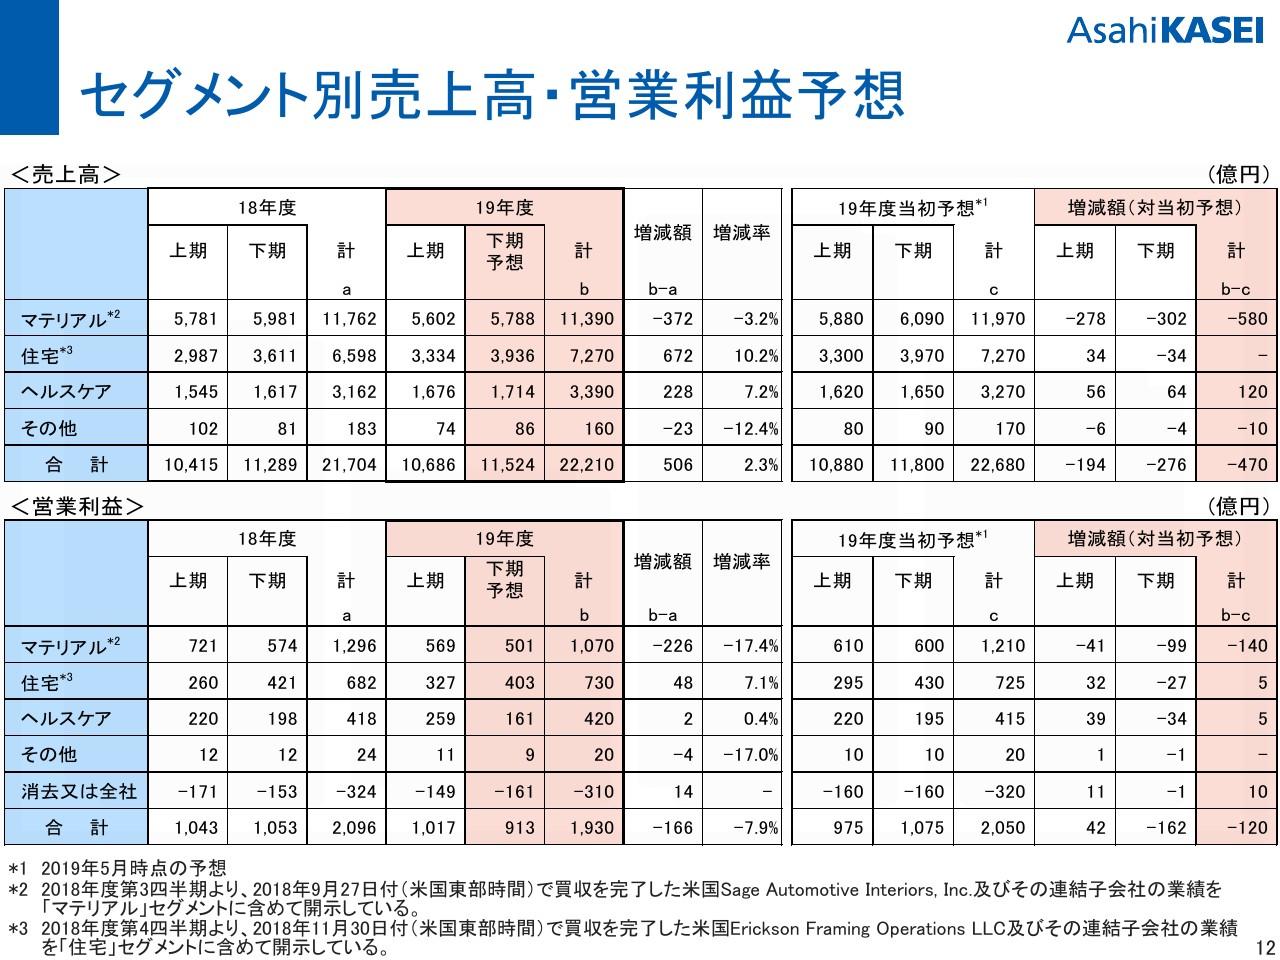 旭化成、上期は増収減益 マテリアルセグメントの市場環境回復が見込めず通期予想を下方修正